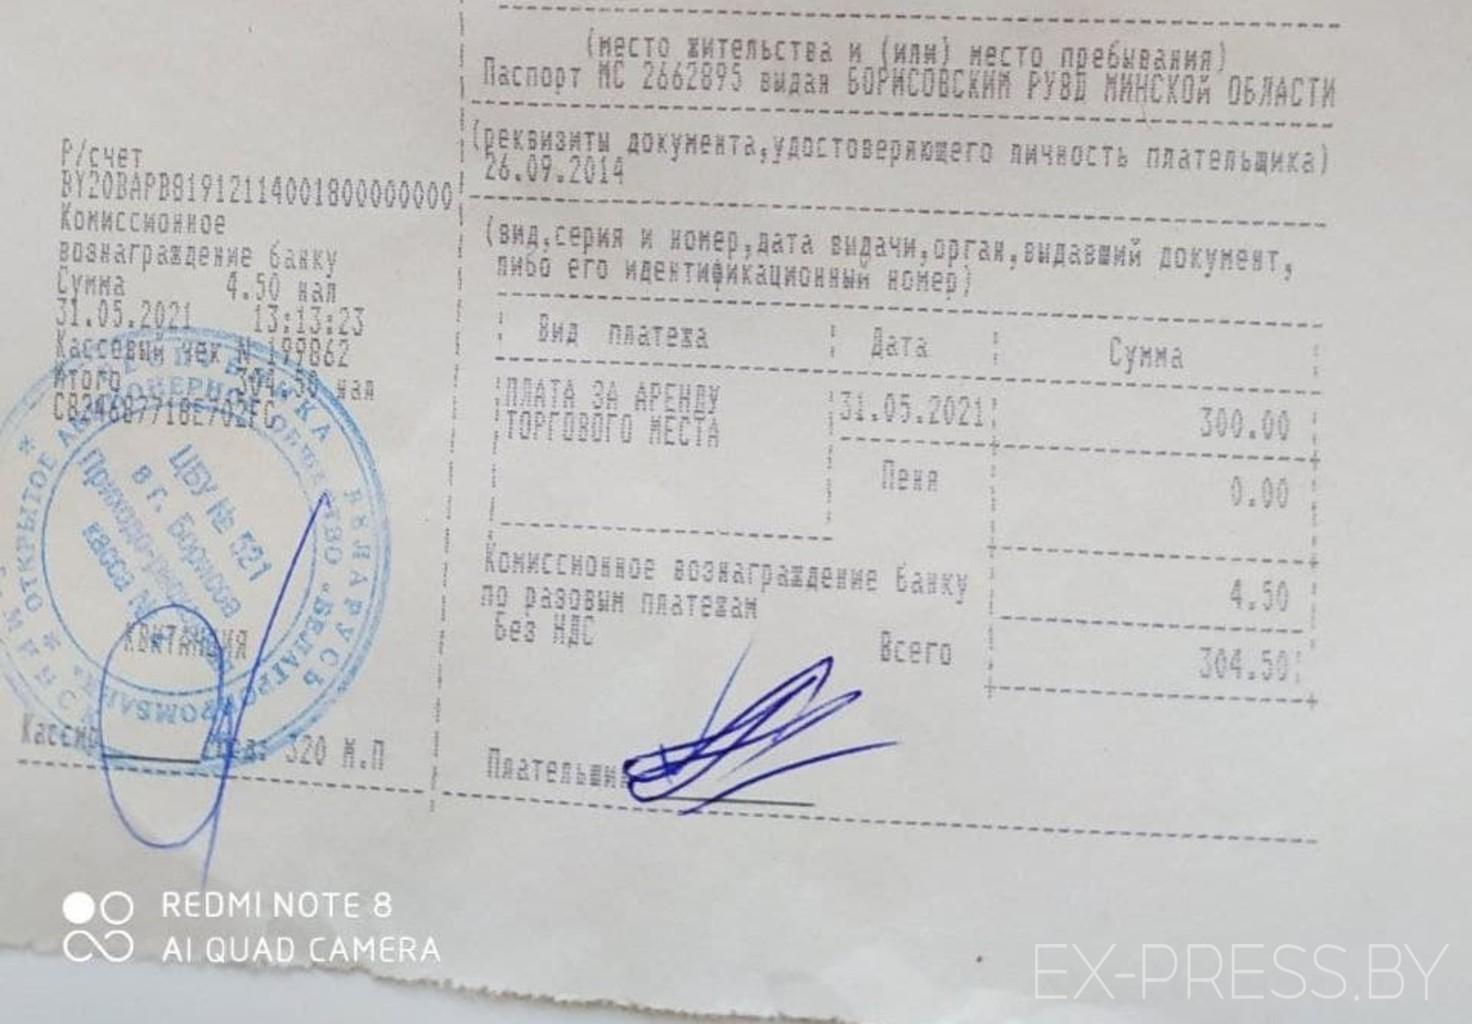 ИП Борисова находятся в напряжении: они могут остаться без товара и рабочего места1